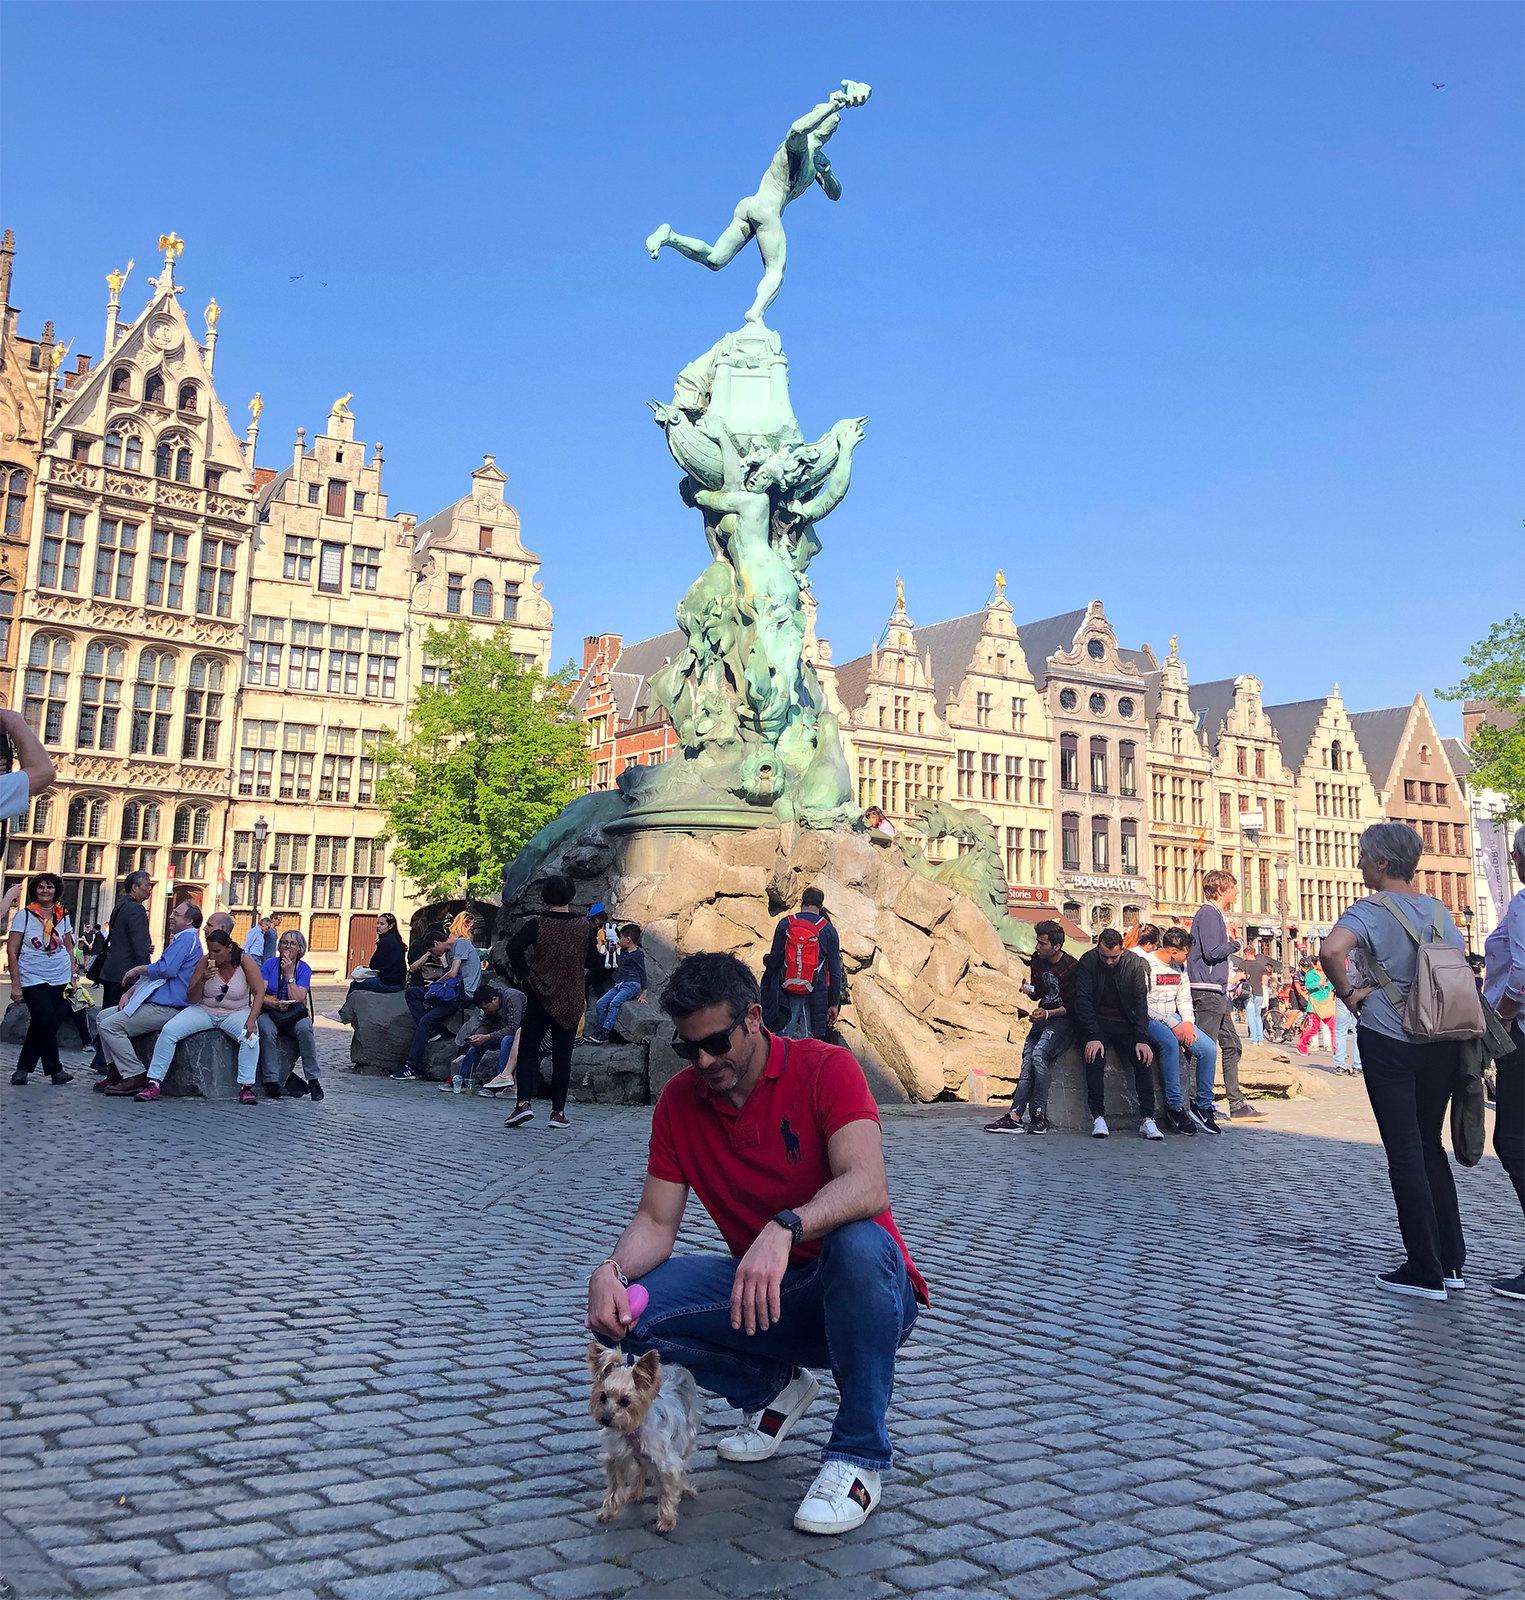 Visitar Amberes en un día, Antwerp in a day, Bélgica, Belgium amberes en un día - 48260866697 6095c966ef h - Amberes en un día